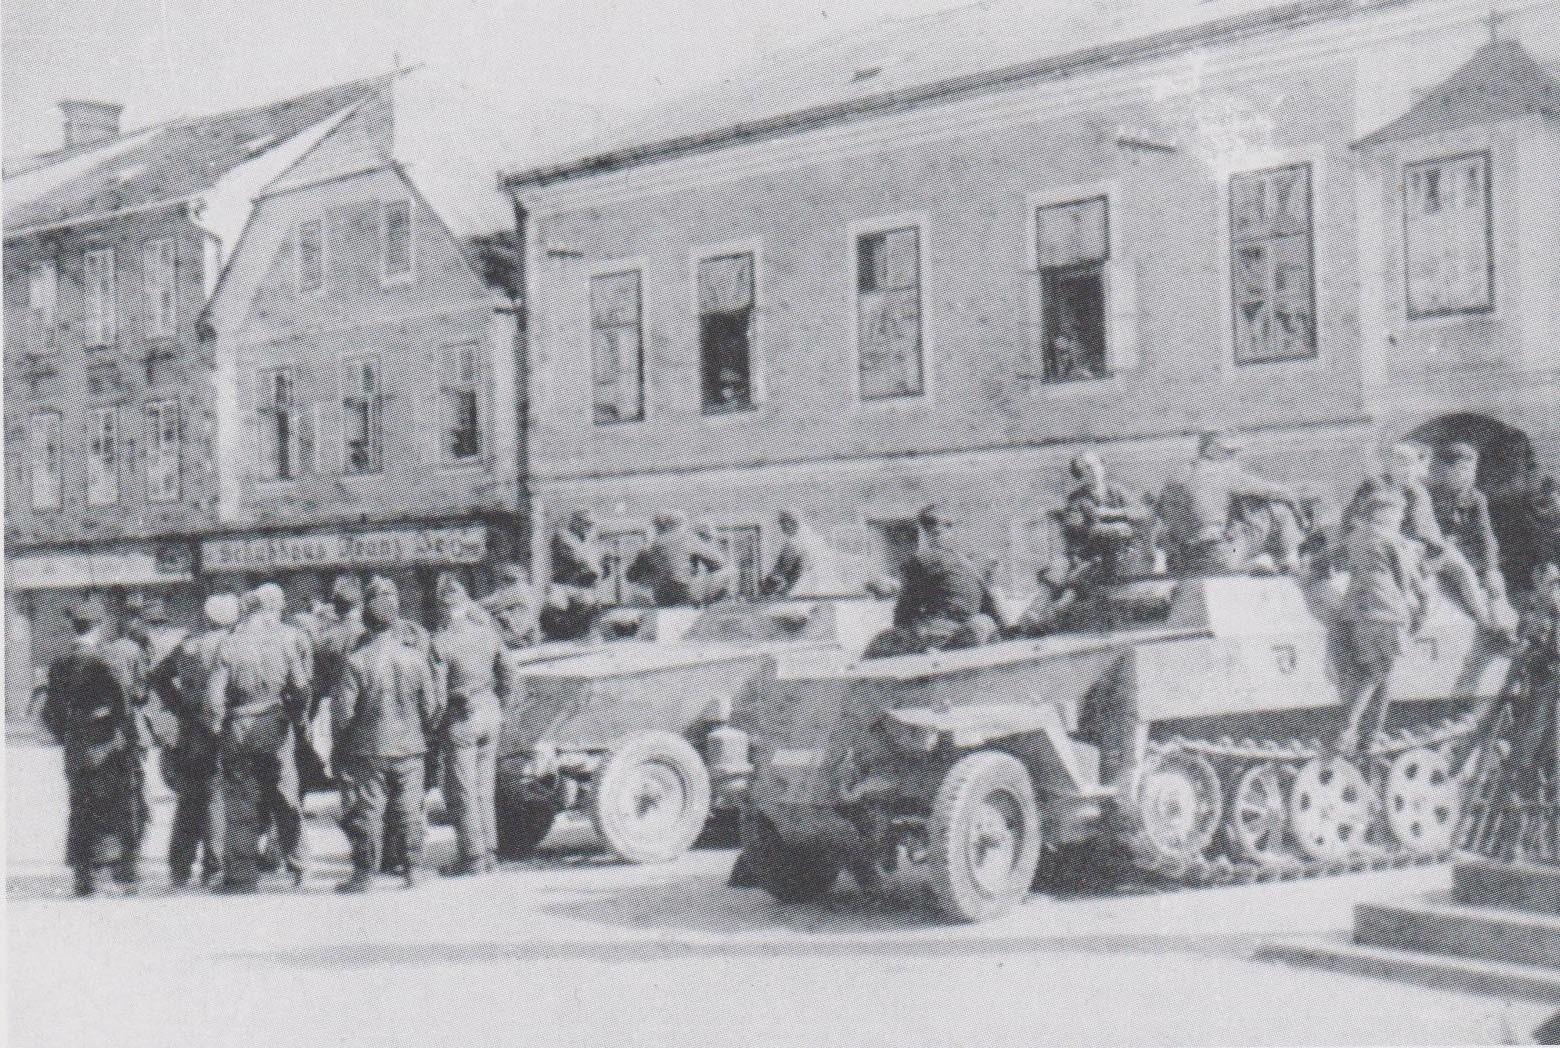 Letzte EInheiten Waffen SS.jpg